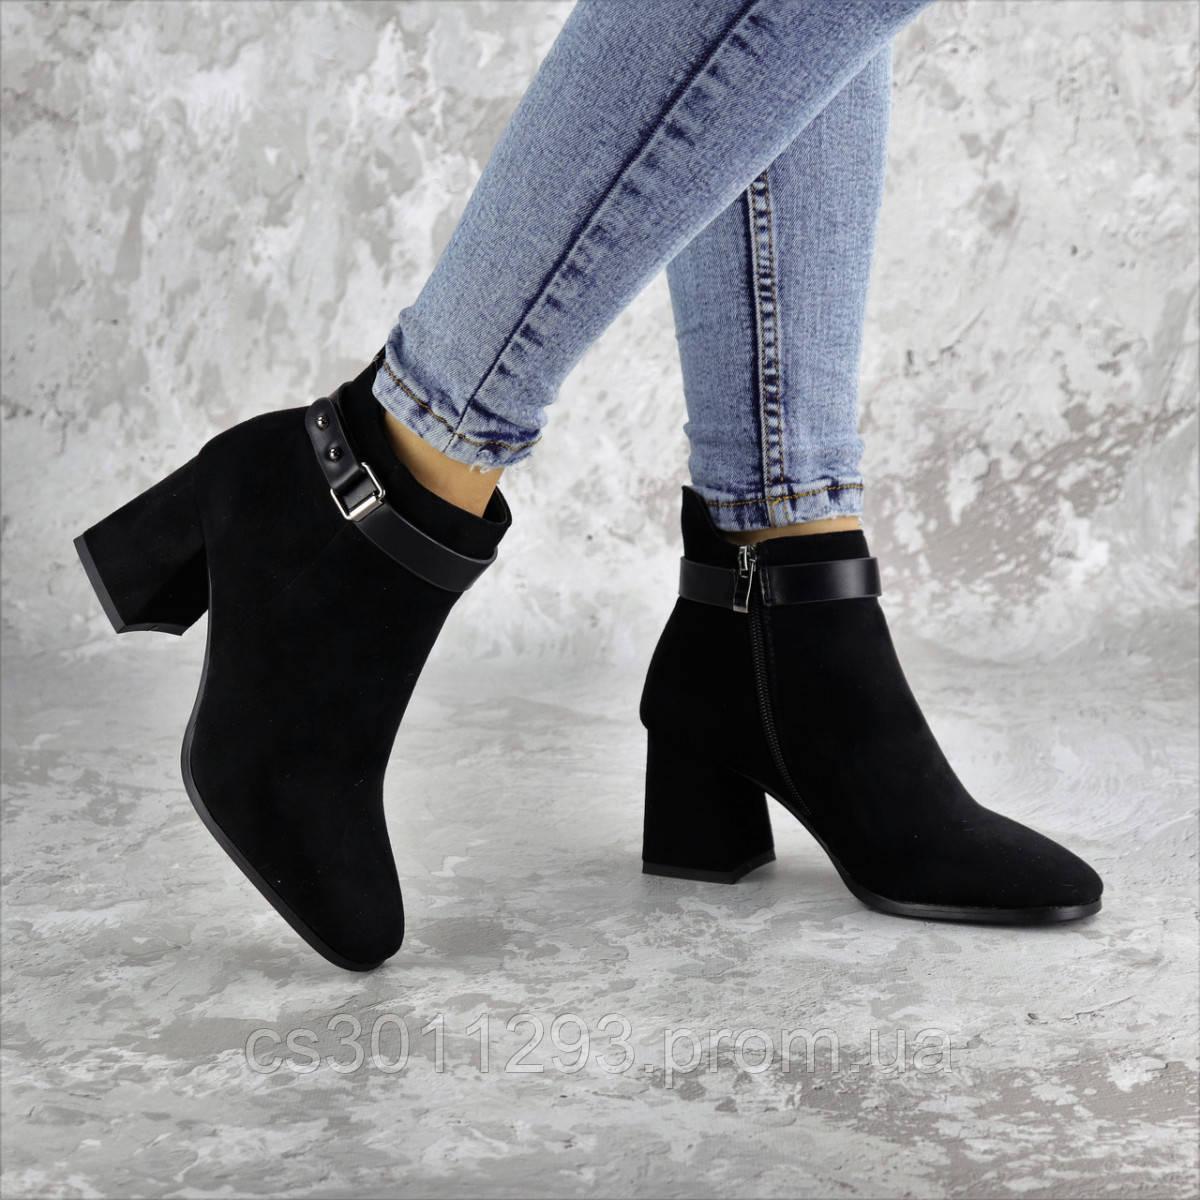 Ботильоны женские Fashion Macy 2321 36 размер 23,5 см Черный